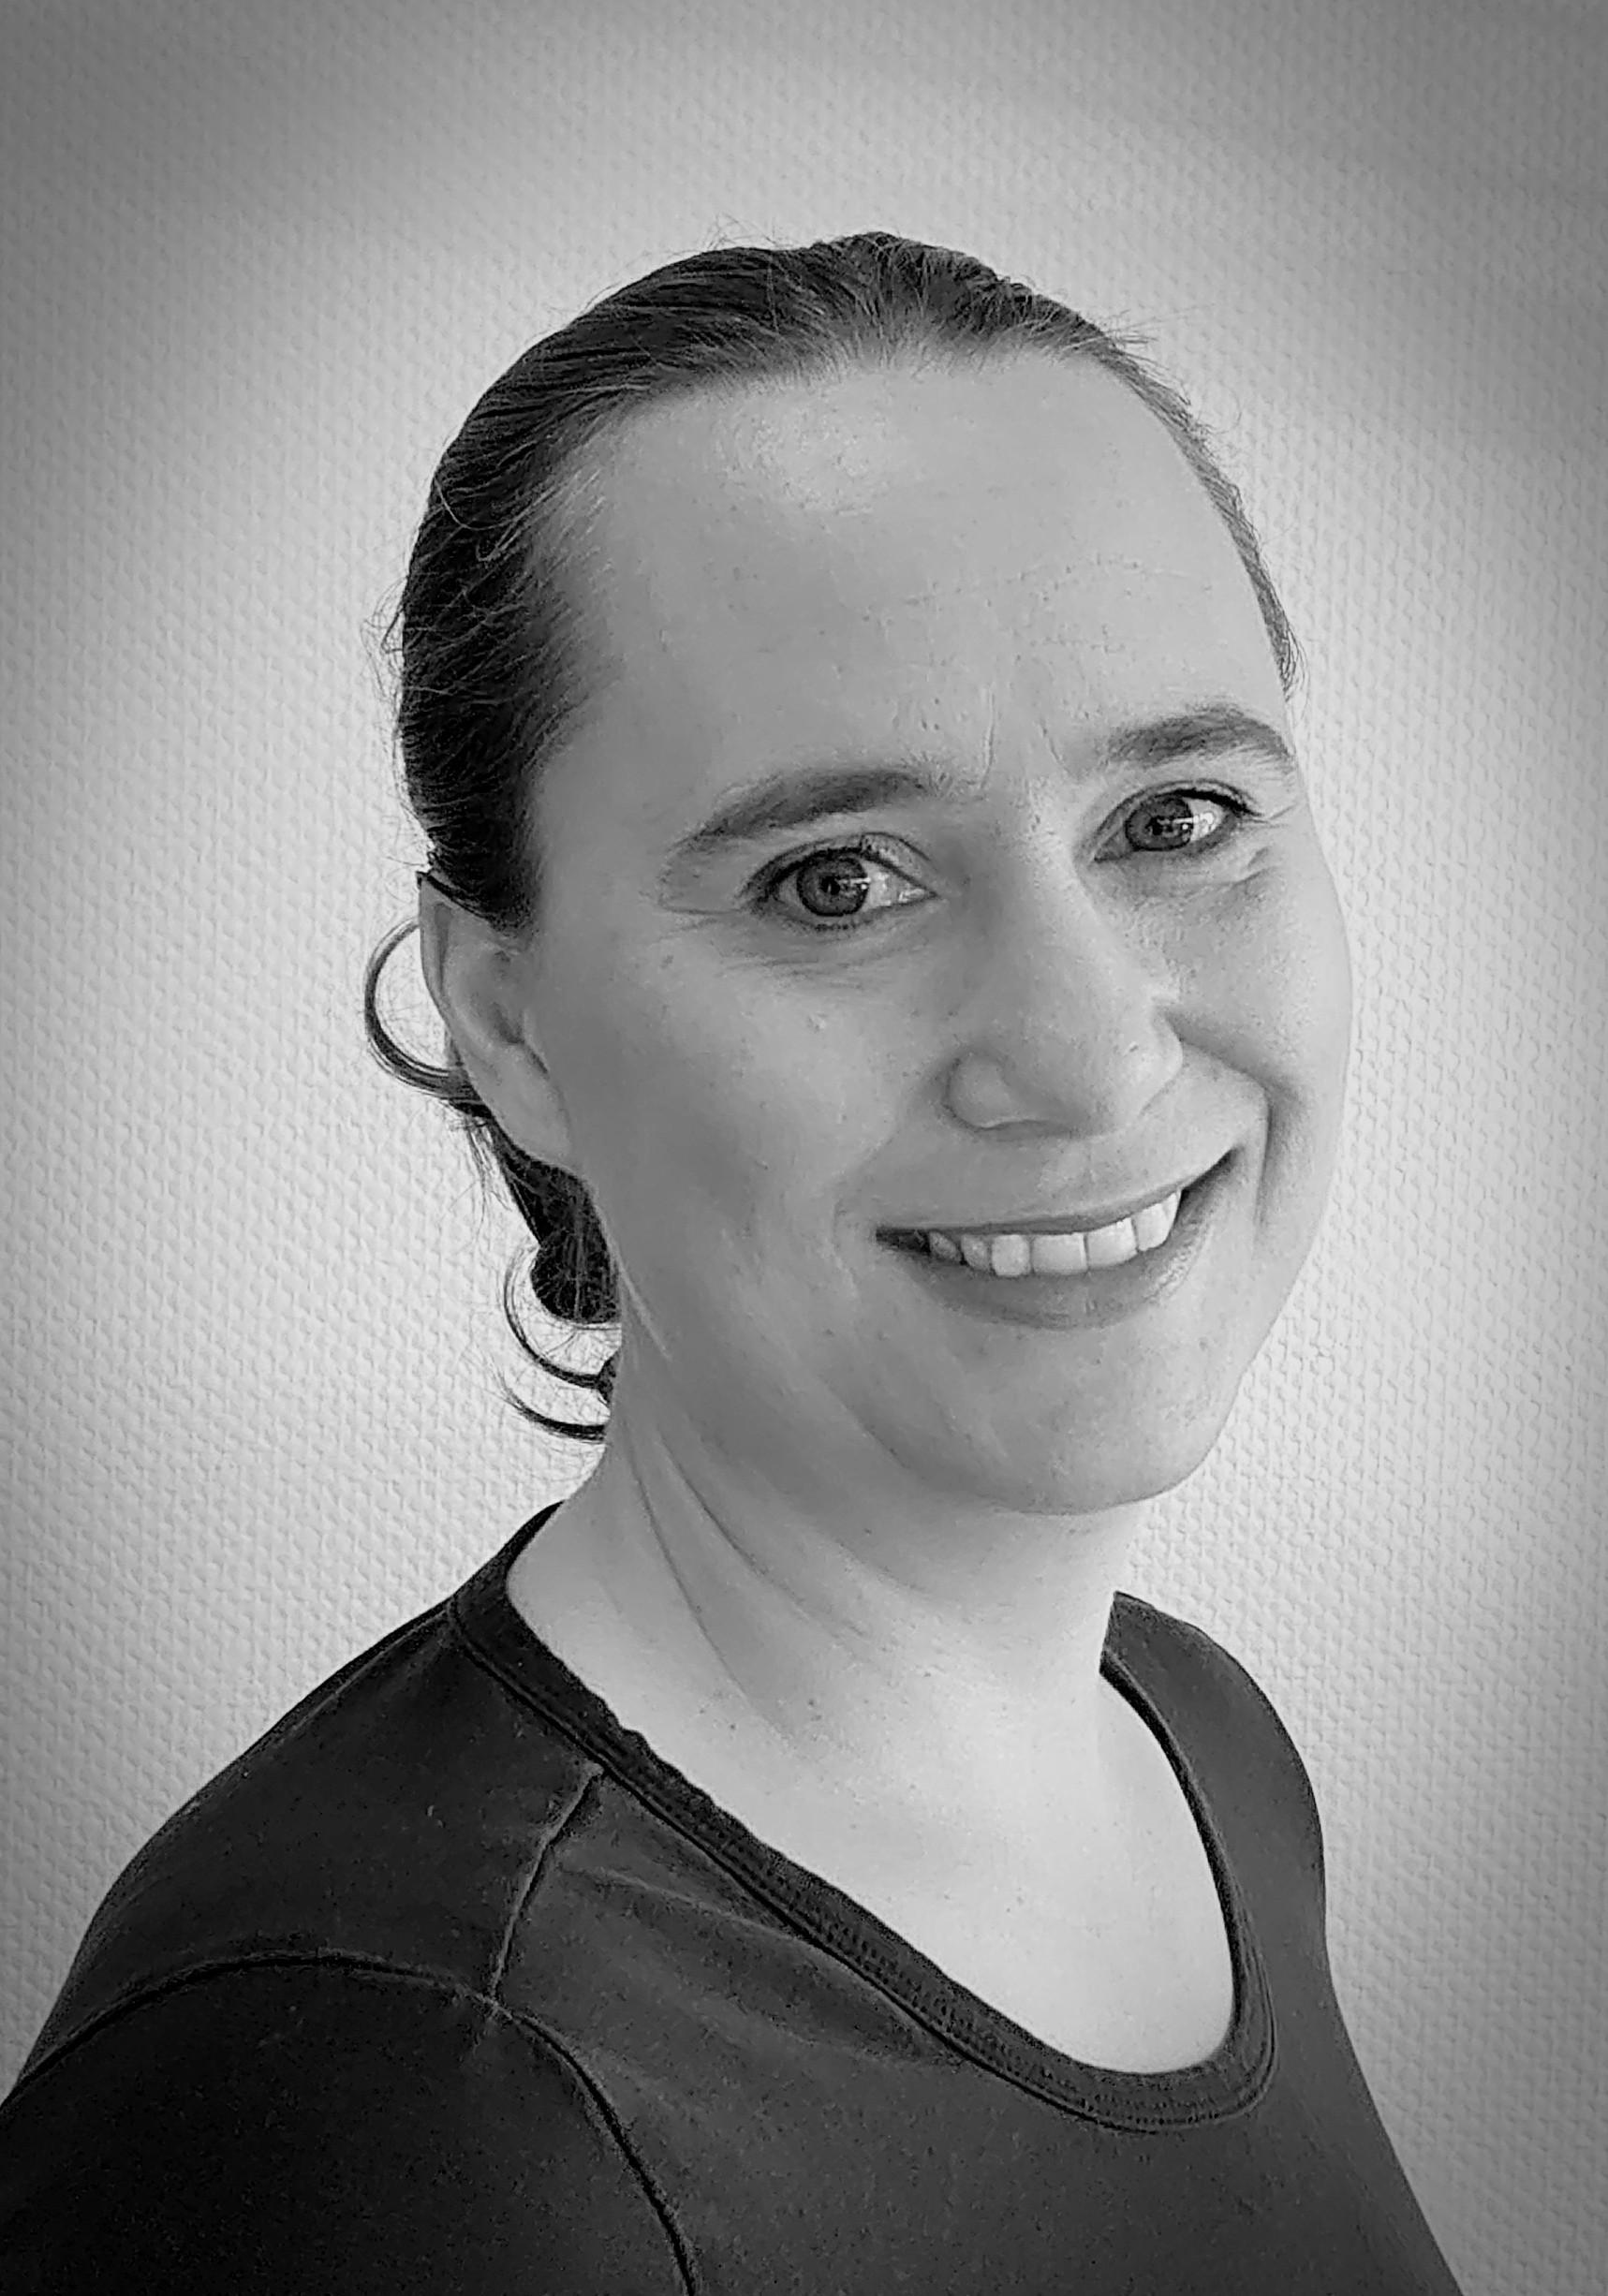 Marianne Rapp Hauge